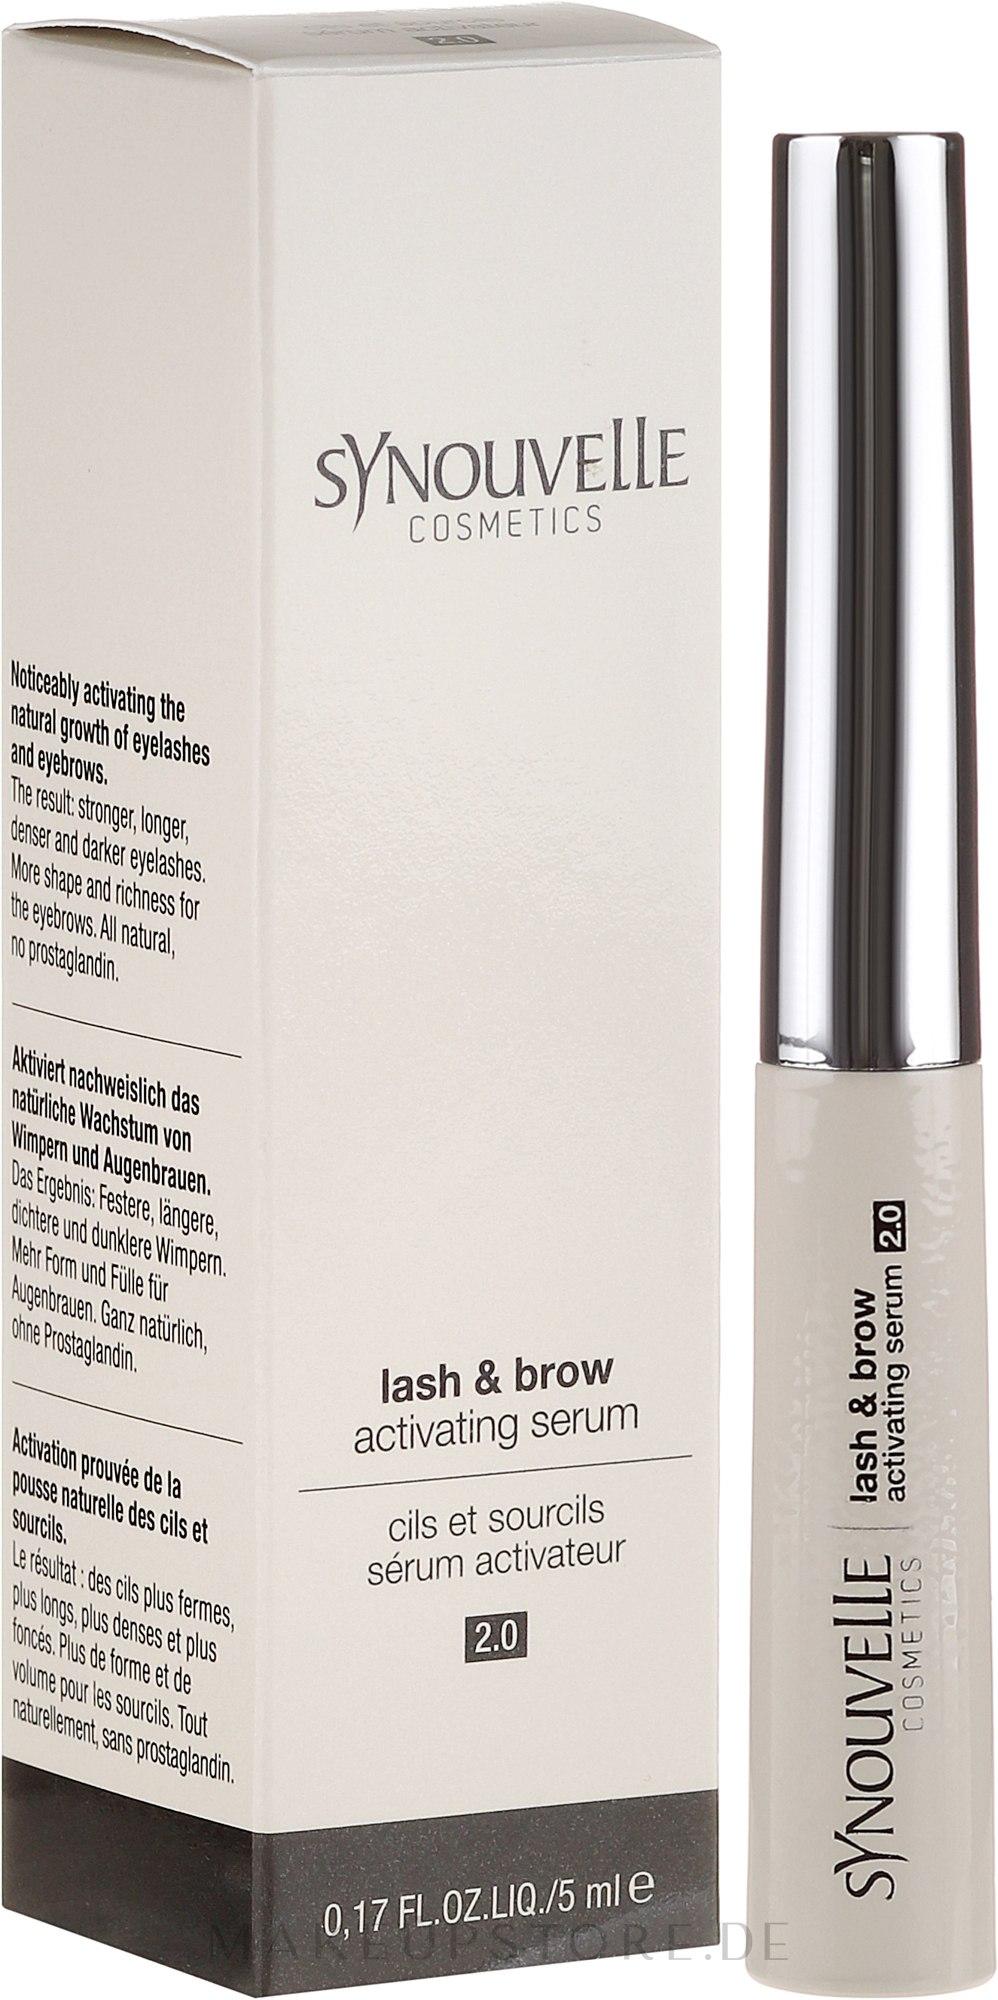 Wachstumsserum für Wimpern und Augenbrauen - Synouvelle Cosmectics Lash & Brow Activating Serum 2.0 — Bild 5 ml